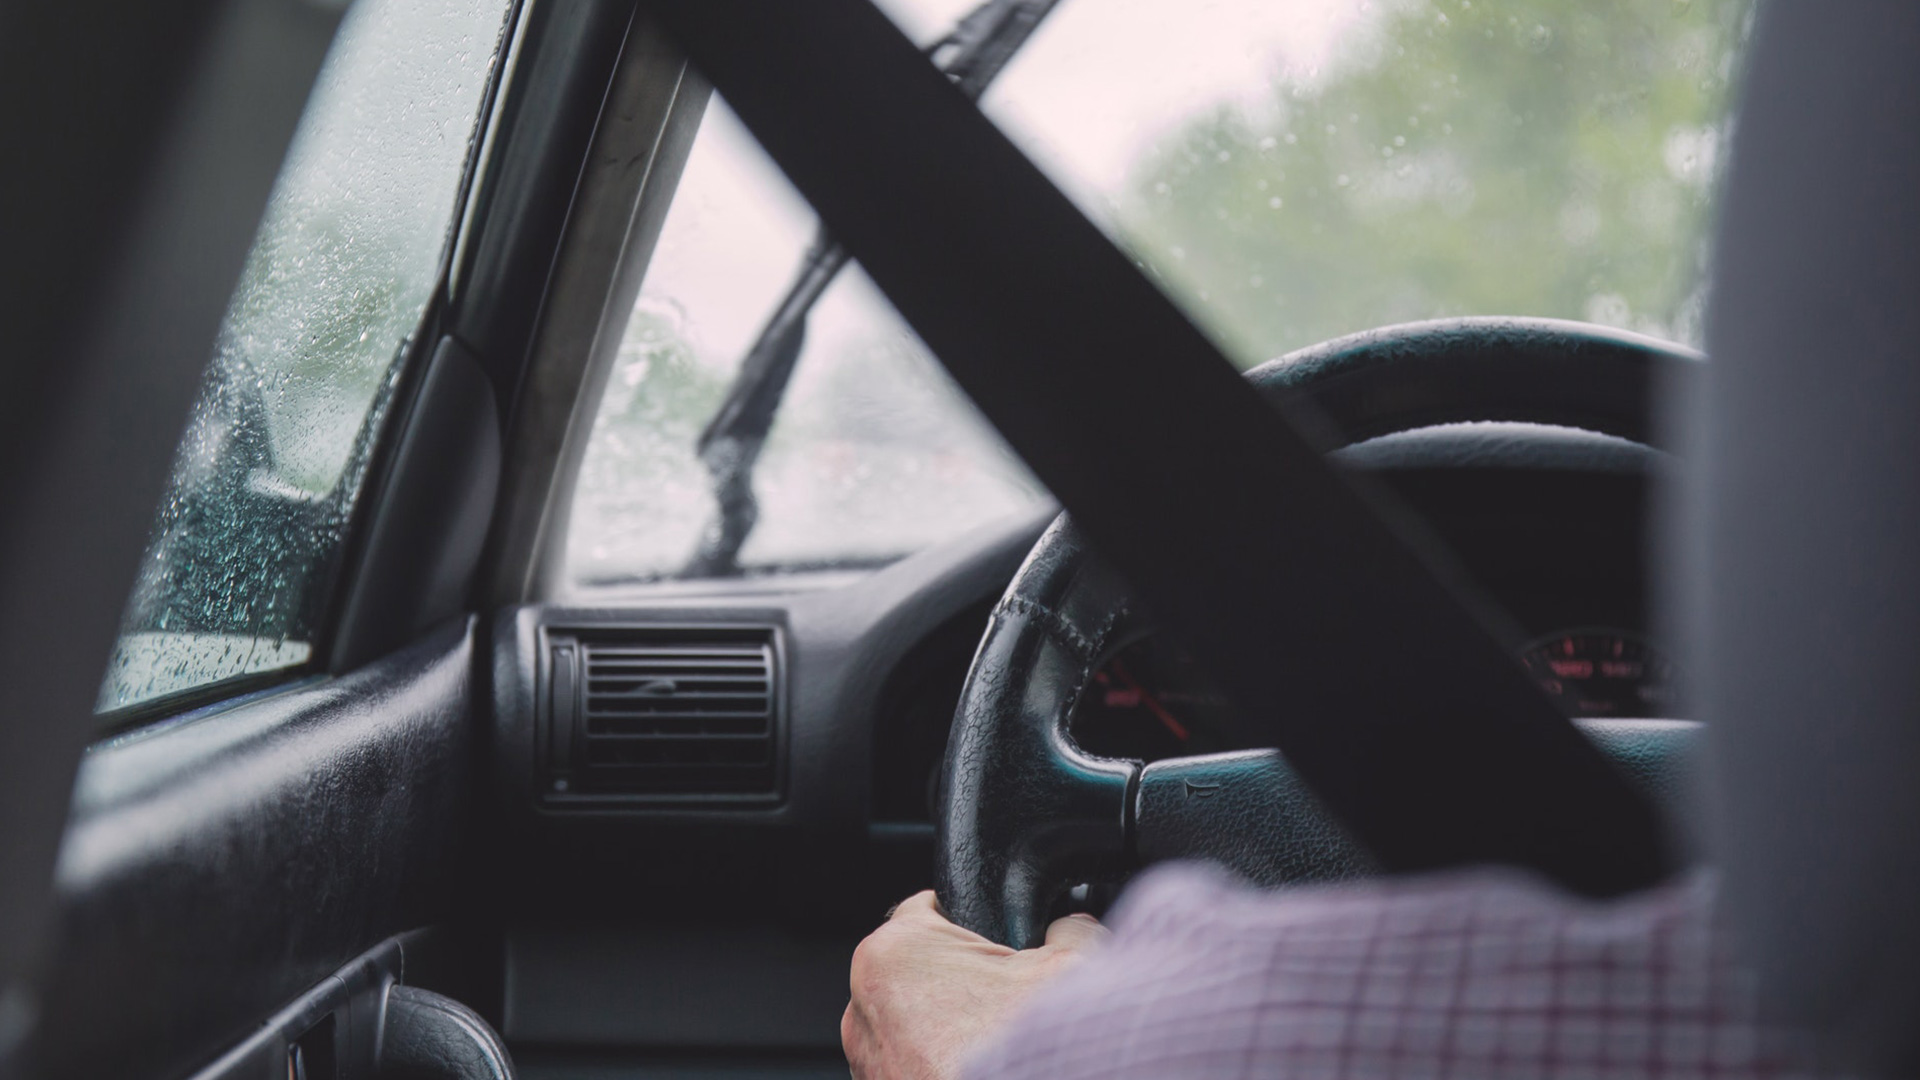 Noguruši autovadītāji apdraud satiksmes dalībniekus